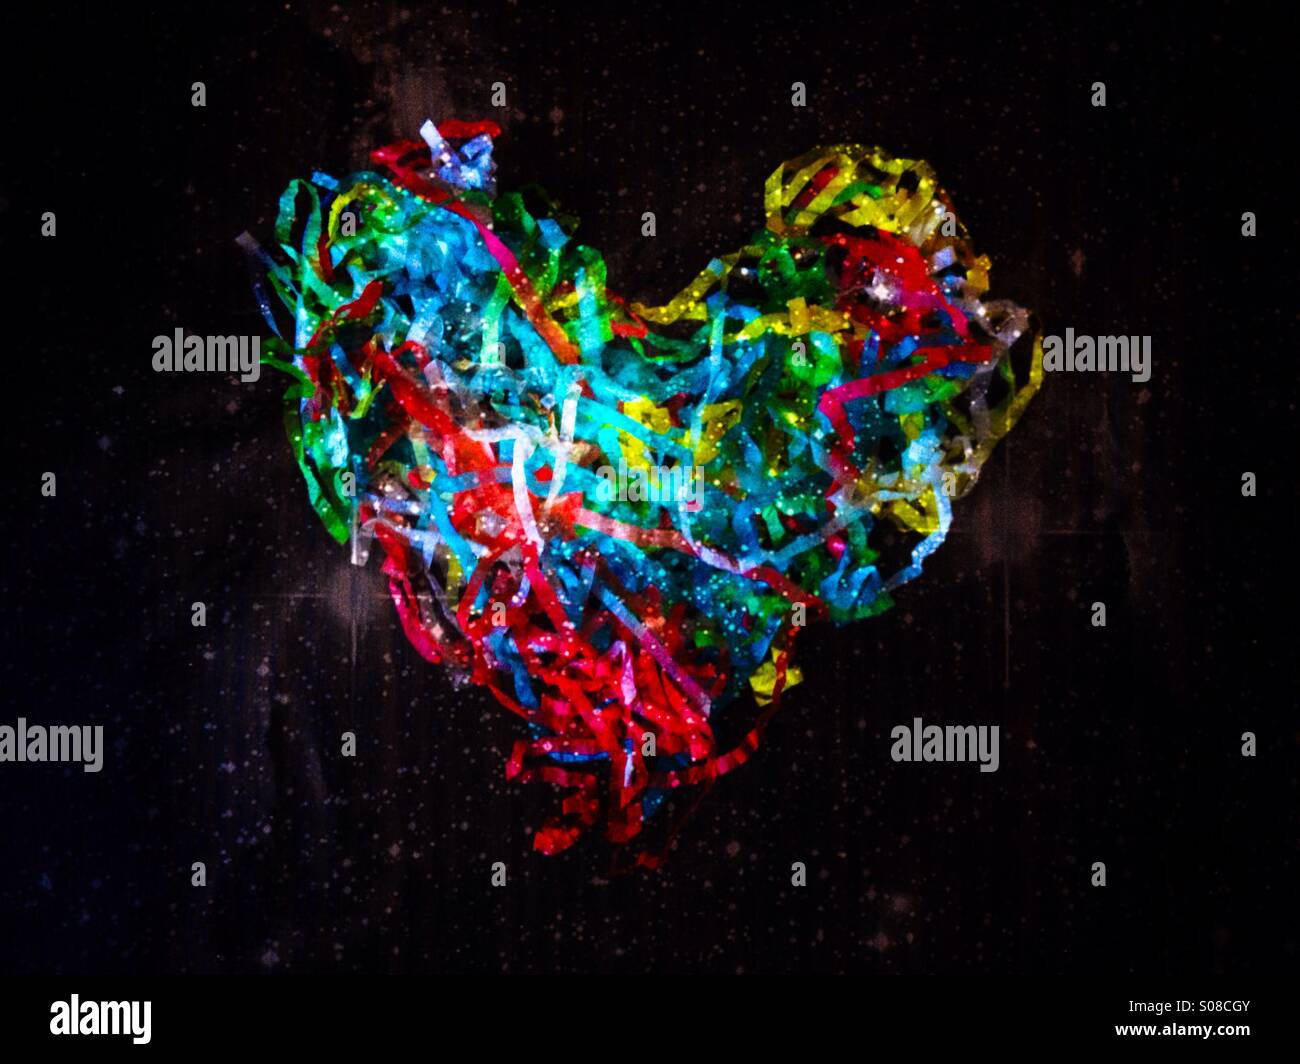 Bunte Luftschlangen in der Form eines Herzens Liebe Stockbild